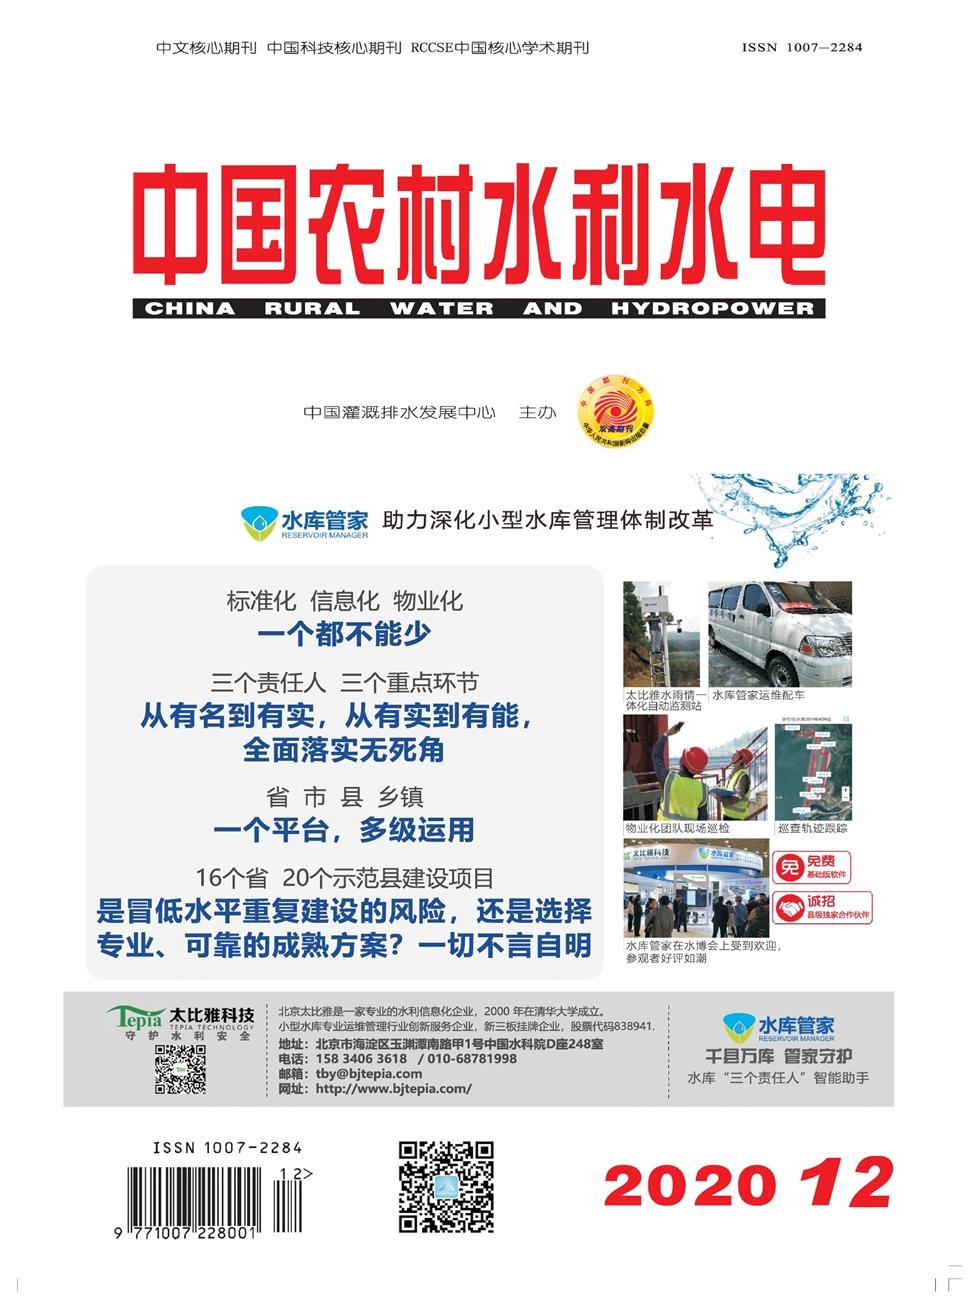 《中国农村水利水电》